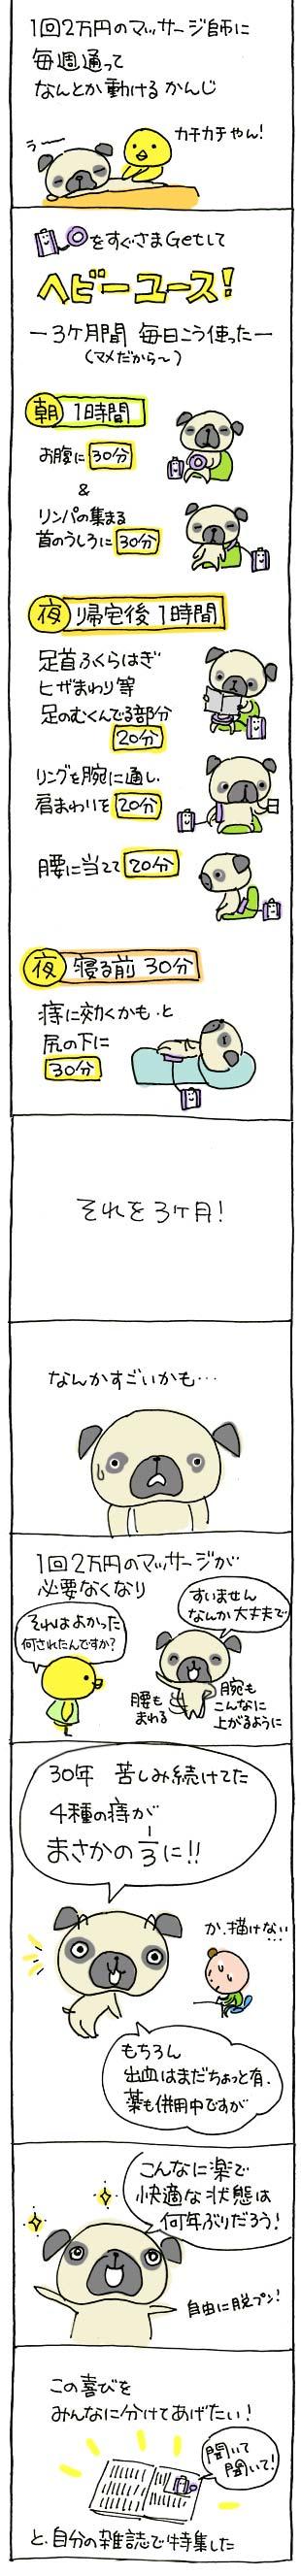 パグ編集長の話02